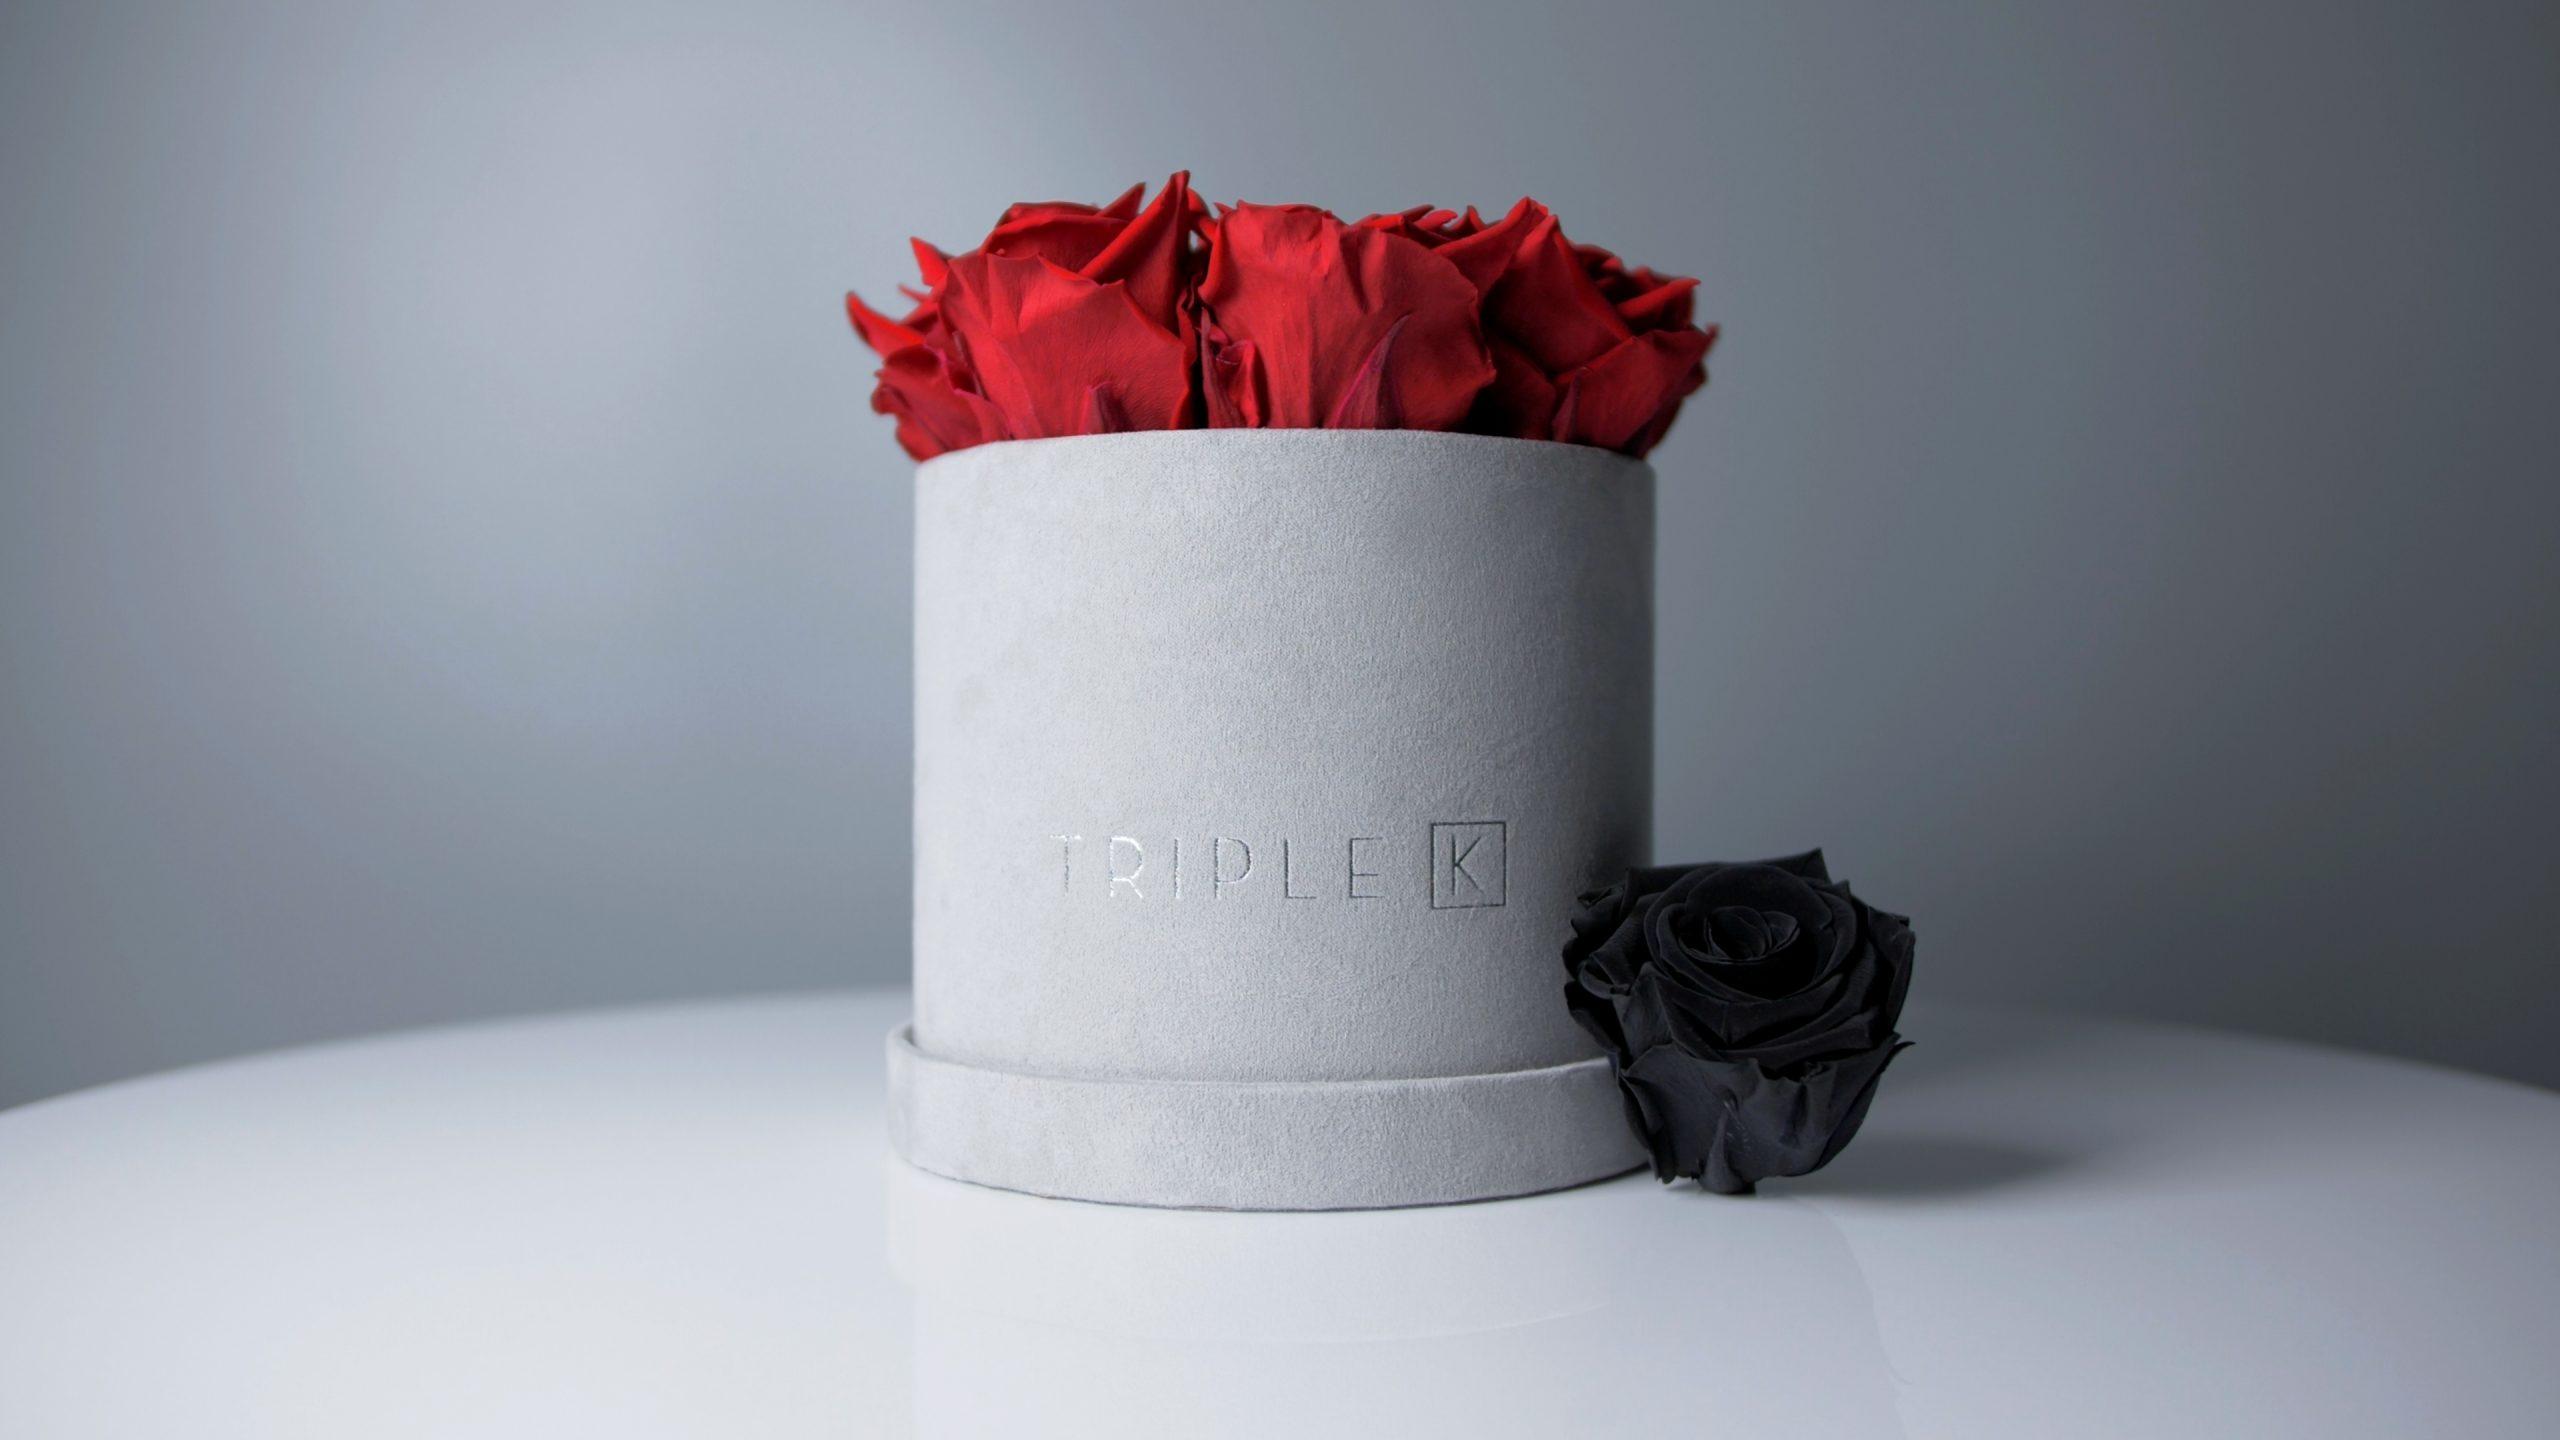 Runde Rosenbox Samt in grau mit roten Rosen